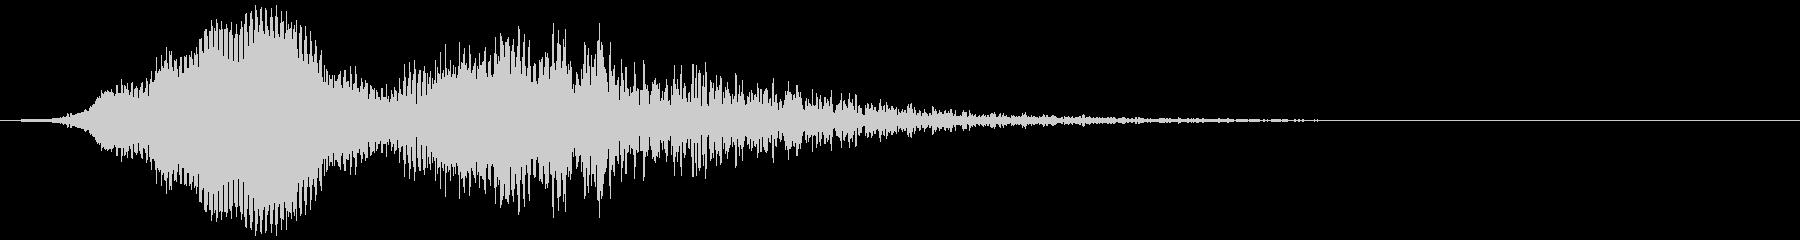 【ホラー・ゲーム】モンスターの声_01の未再生の波形